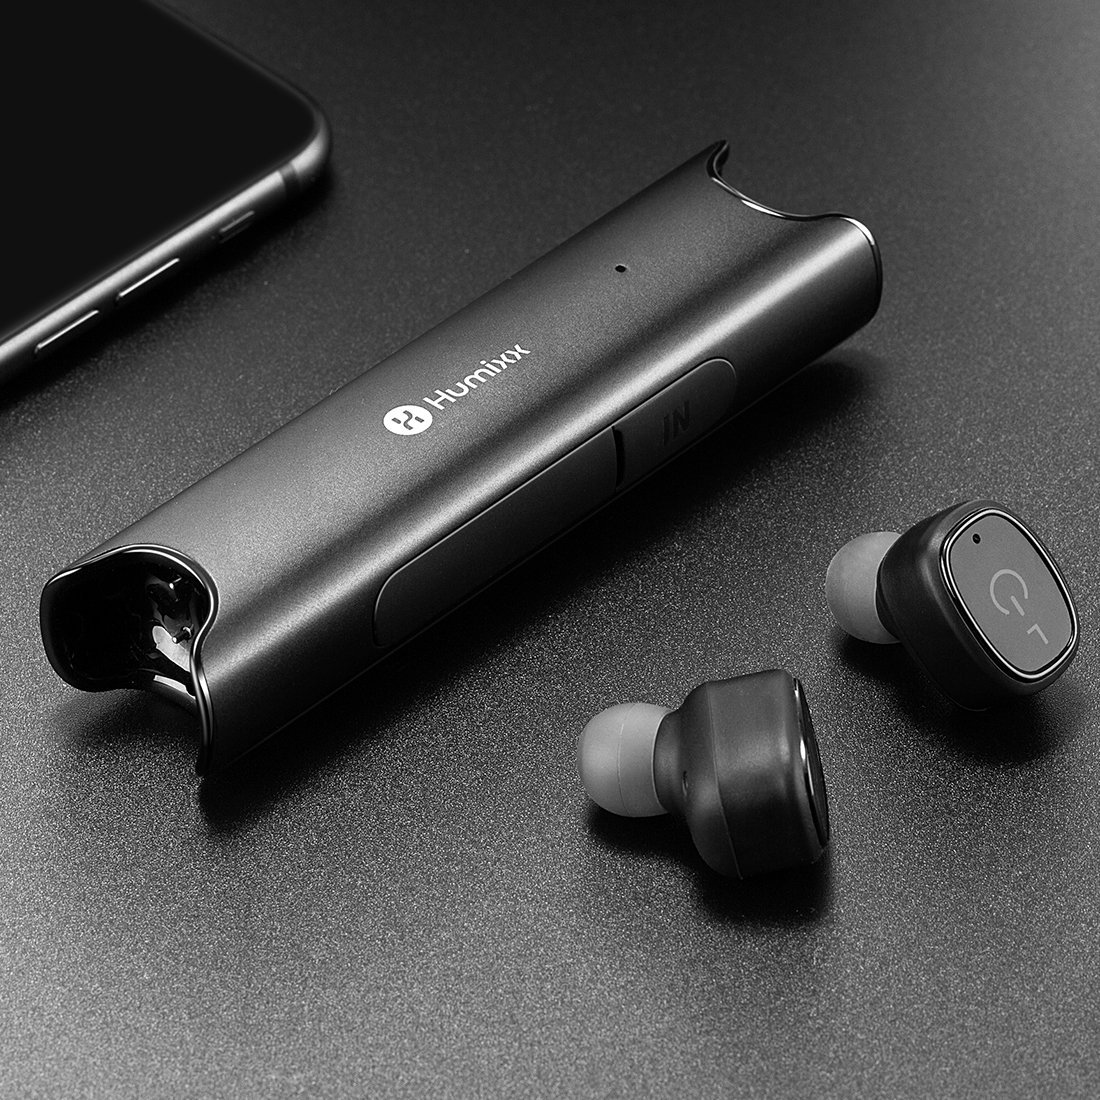 レビュー【モバイルバッテリーにもなるイヤホン】Humixx S2 Bluetooth完全ワイヤレスイヤホン